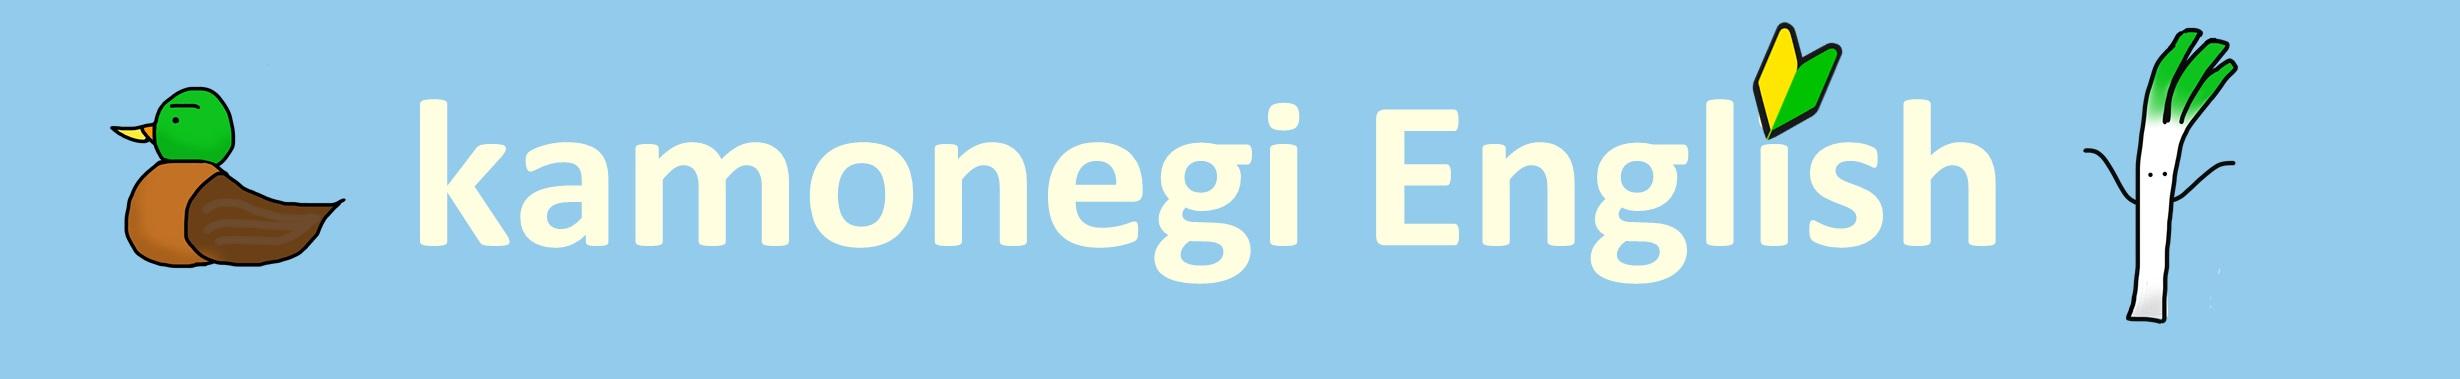 kamonegi English